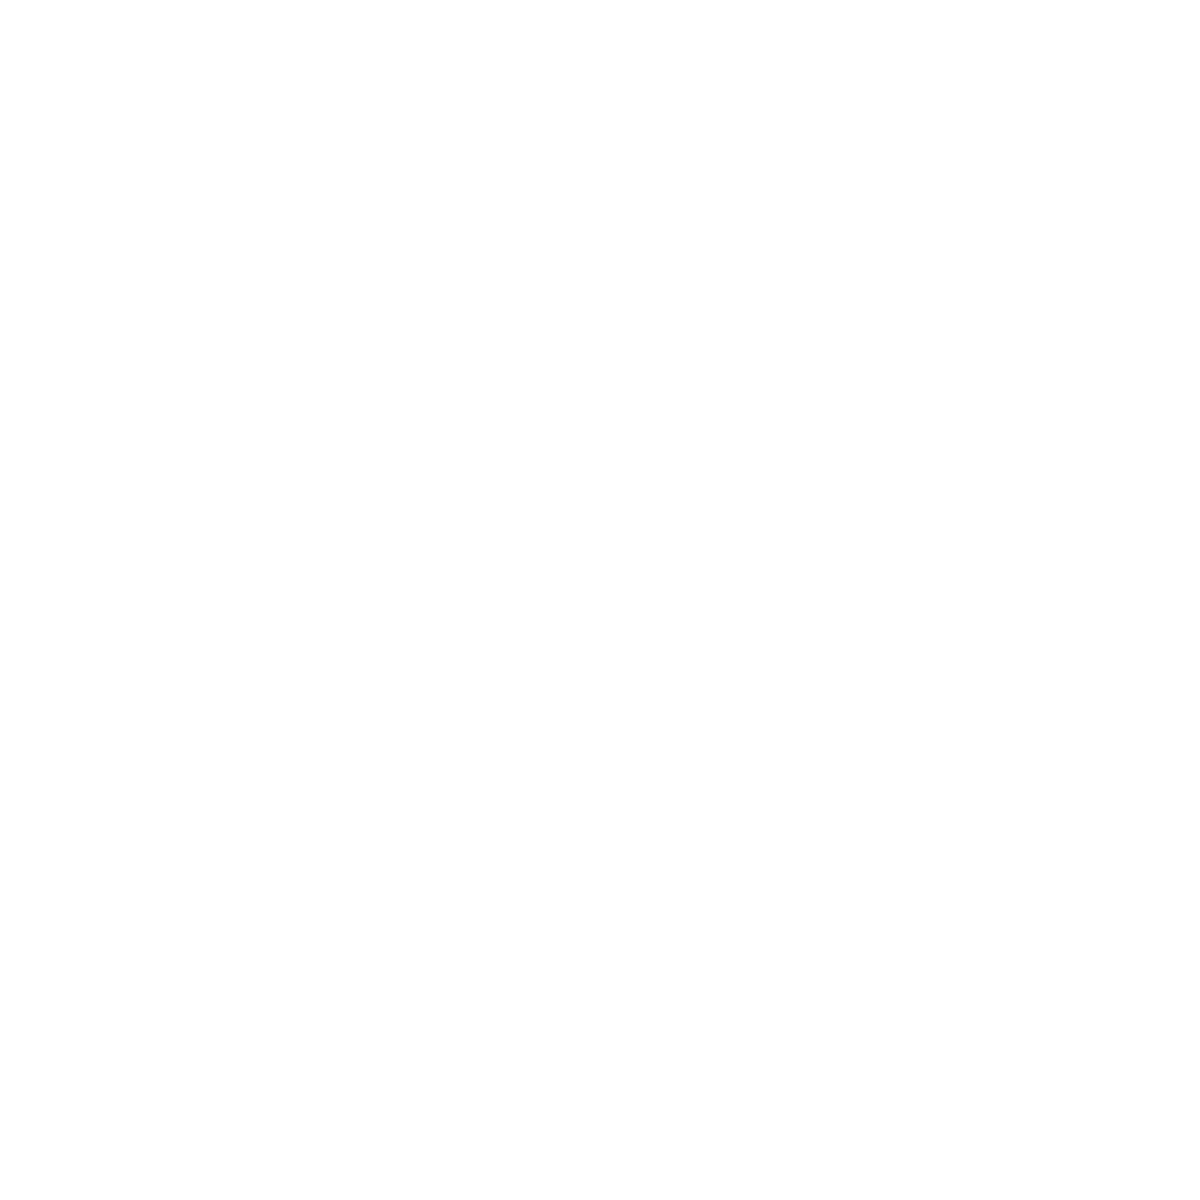 Apex Legends - A logo